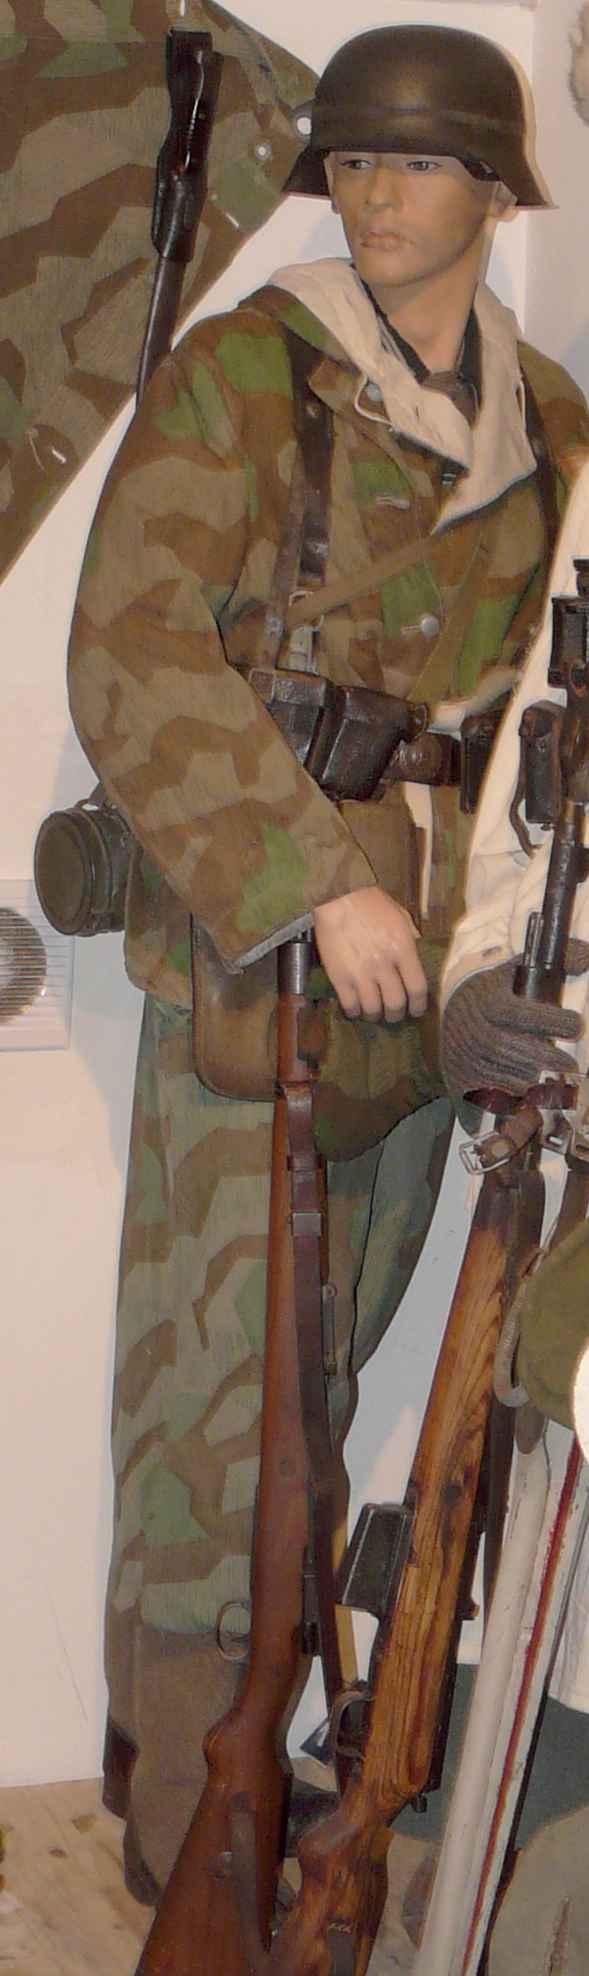 Soldat de la WH en tenue camo éclat Tout26